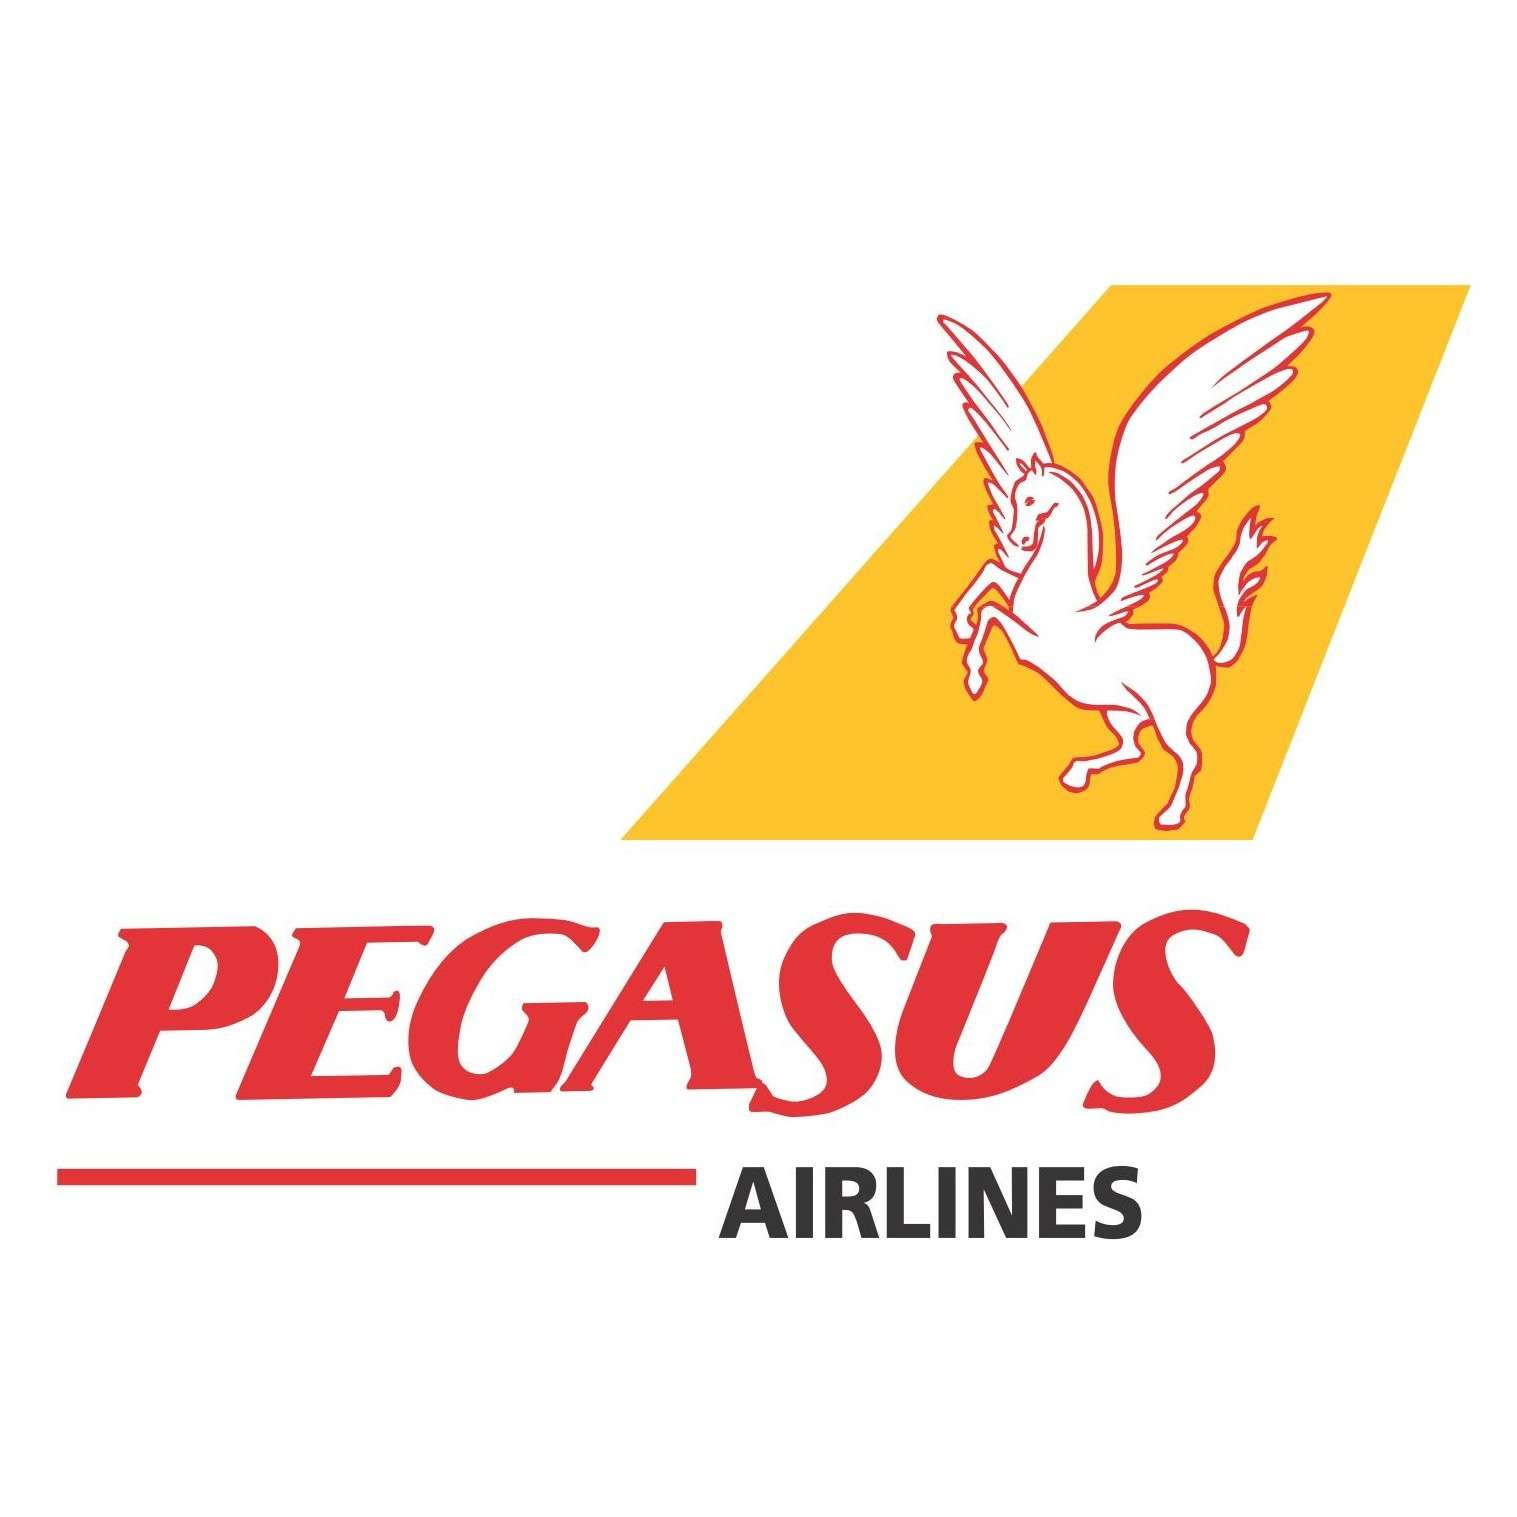 pegasus_airlines_logo